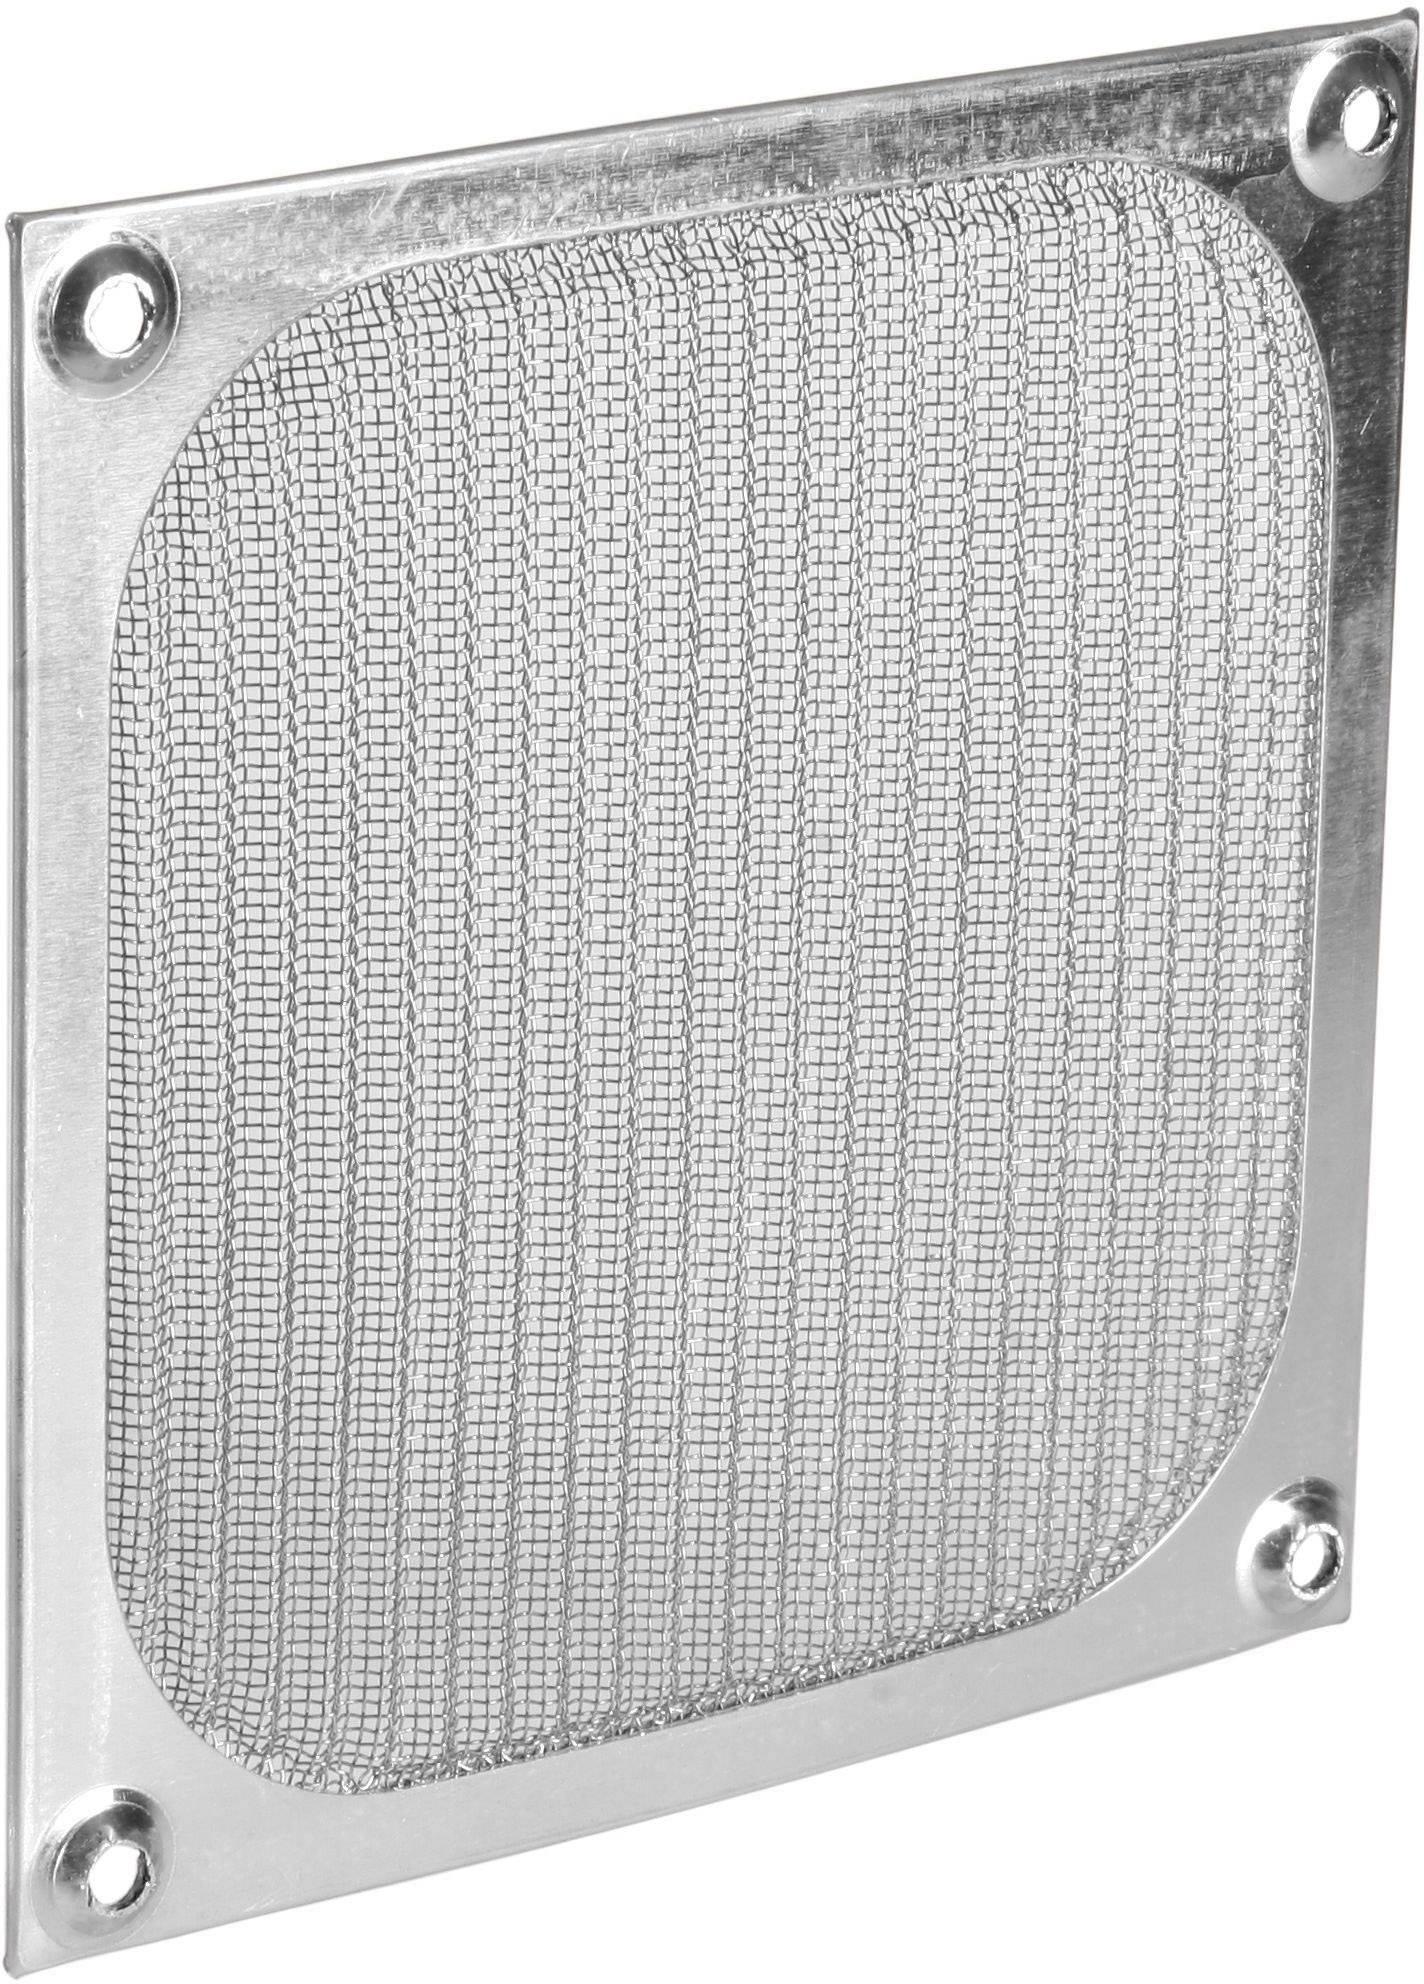 EMC prachový filtr SEPA;931210400, (š x v x h) 119 x 3.5 x 119 mm, 1 ks, hliník, nerezová ocel